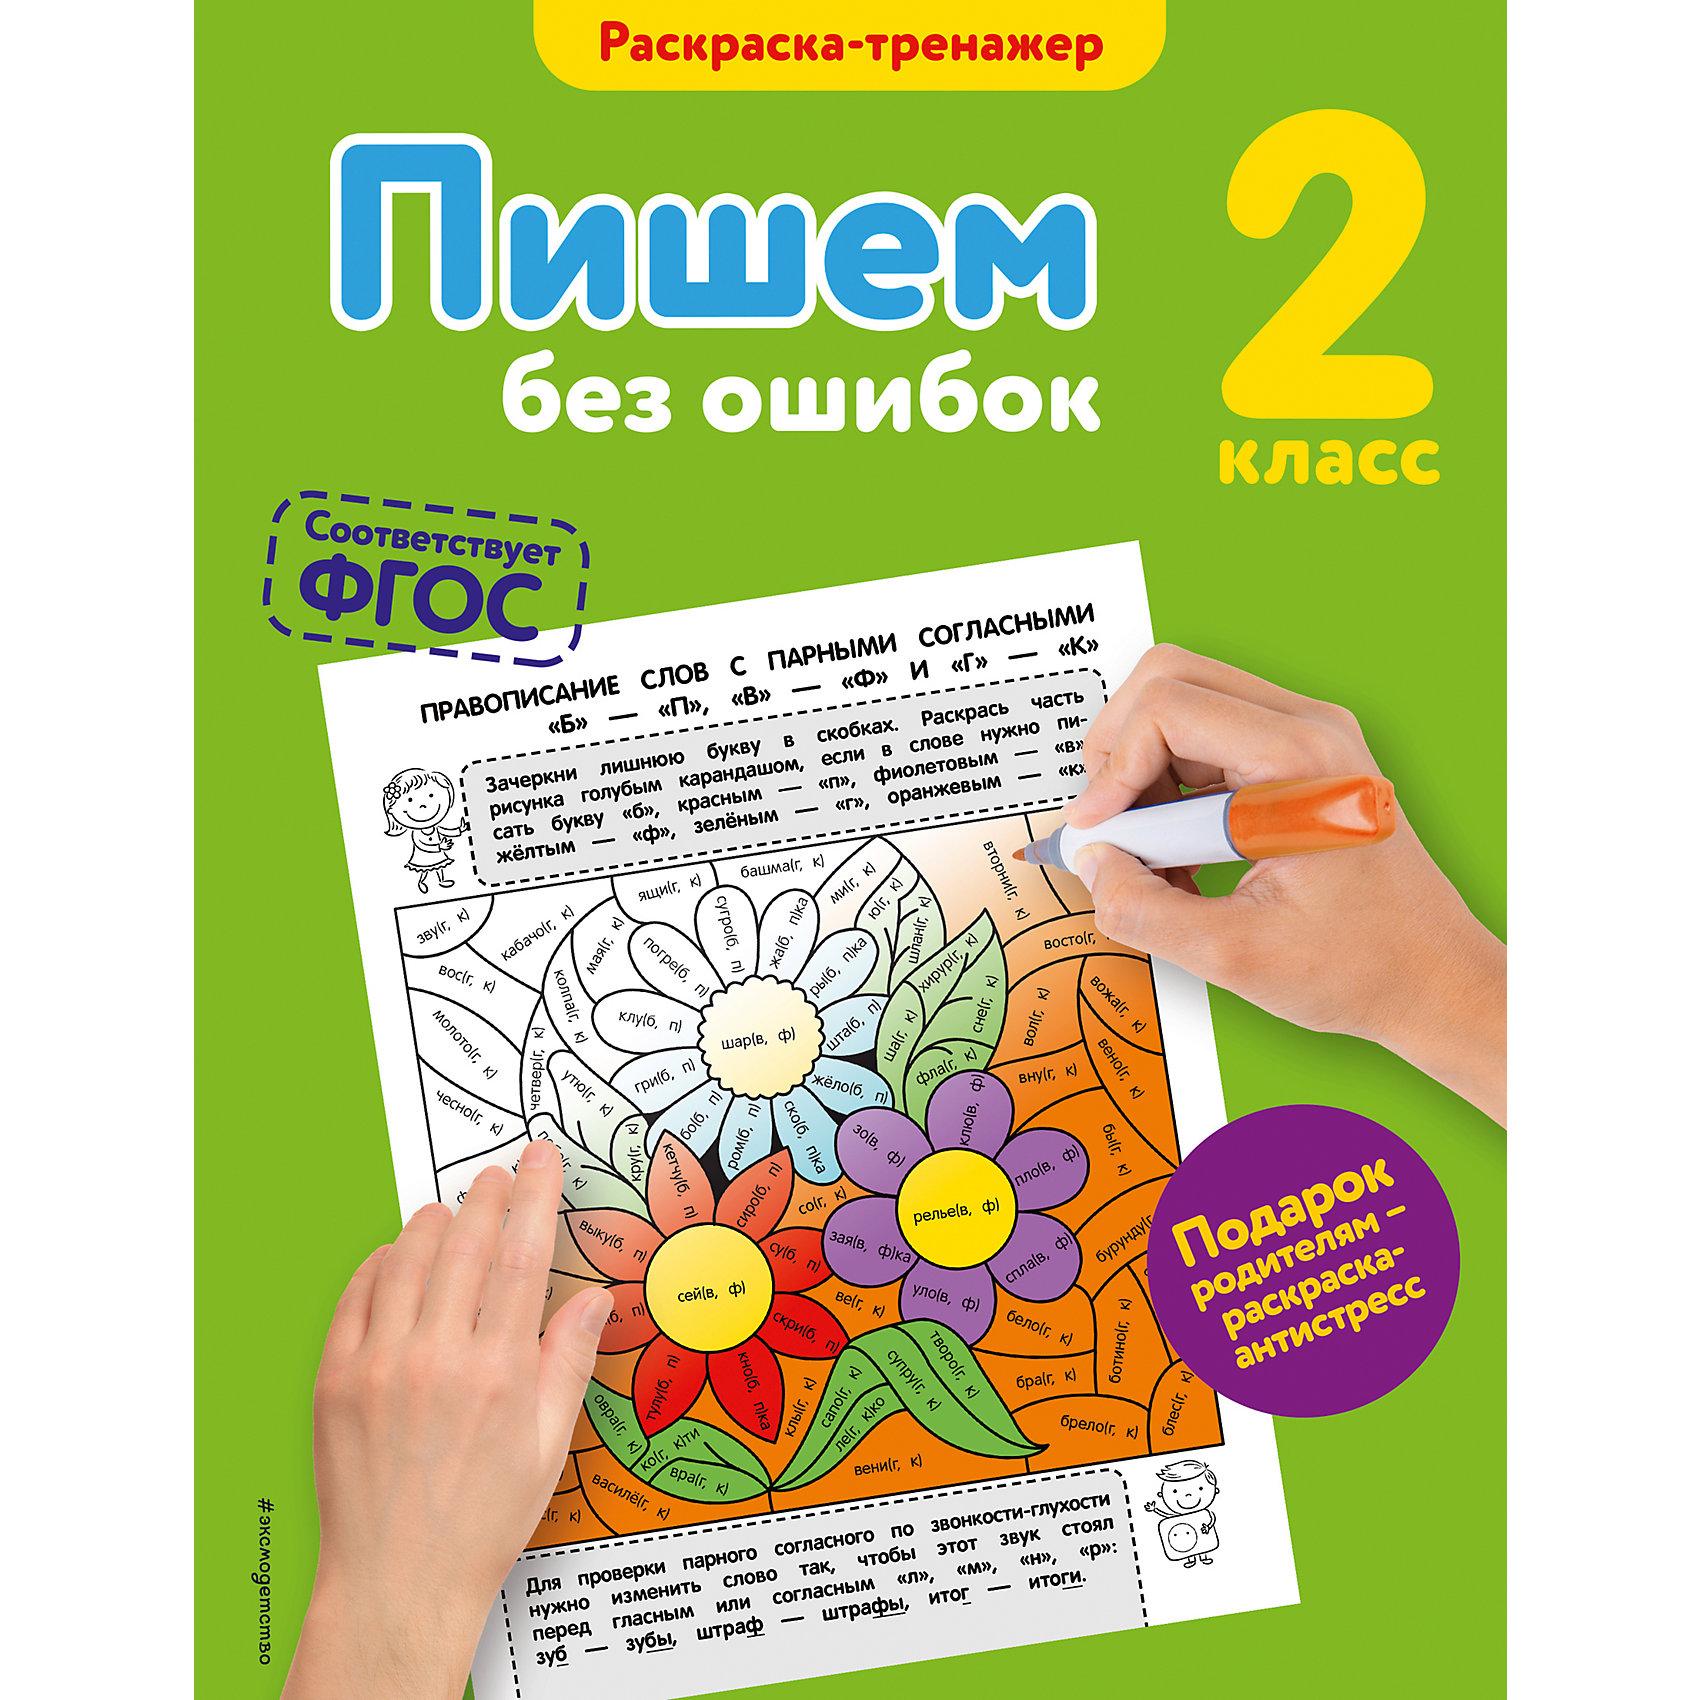 Пишем без ошибок, 2-й классПрописи<br>Пособие представляет собой раскраску-тренажёр, которая поможет ученику 2-го класса закрепить навыки грамотного письма, а также развить мелкую моторику, логику и внимание.<br>     В книге 31 задание на буквы и раскрашивание, цветная вкладка с рисунками-ответами, раскраской-антистрессом для родителей и грамотой, которой школьник награждается за старание и любознательность. Нестандартная подача материала в пособии поможет увеличить эффективность занятий.<br><br>Ширина мм: 255<br>Глубина мм: 197<br>Высота мм: 2<br>Вес г: 115<br>Возраст от месяцев: 96<br>Возраст до месяцев: 108<br>Пол: Унисекс<br>Возраст: Детский<br>SKU: 5098433